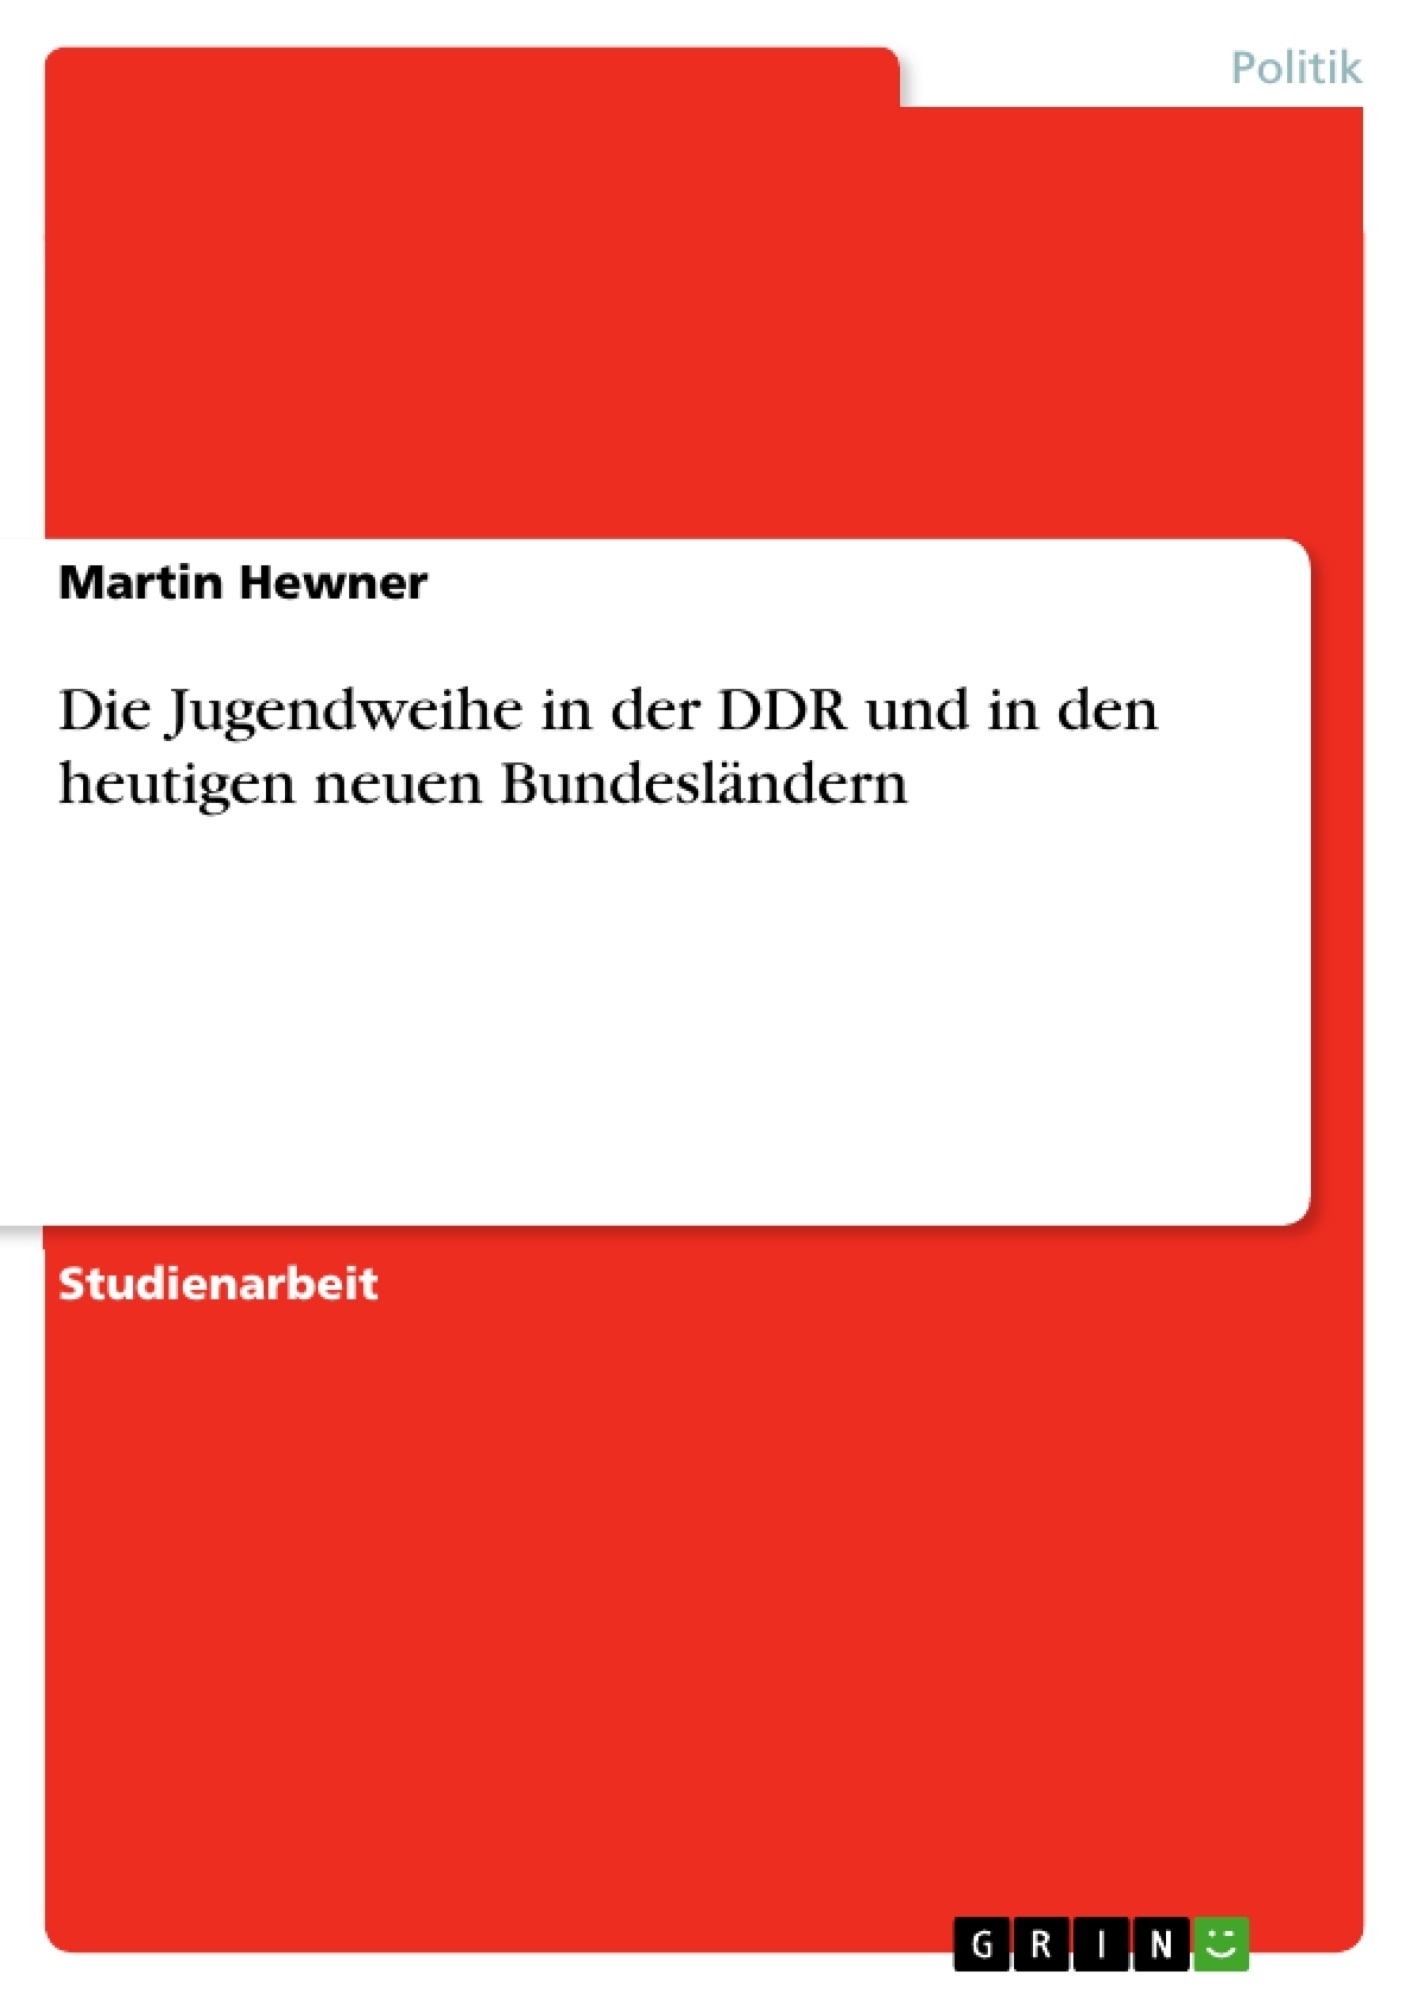 Titel: Die Jugendweihe in der DDR und in den heutigen neuen Bundesländern